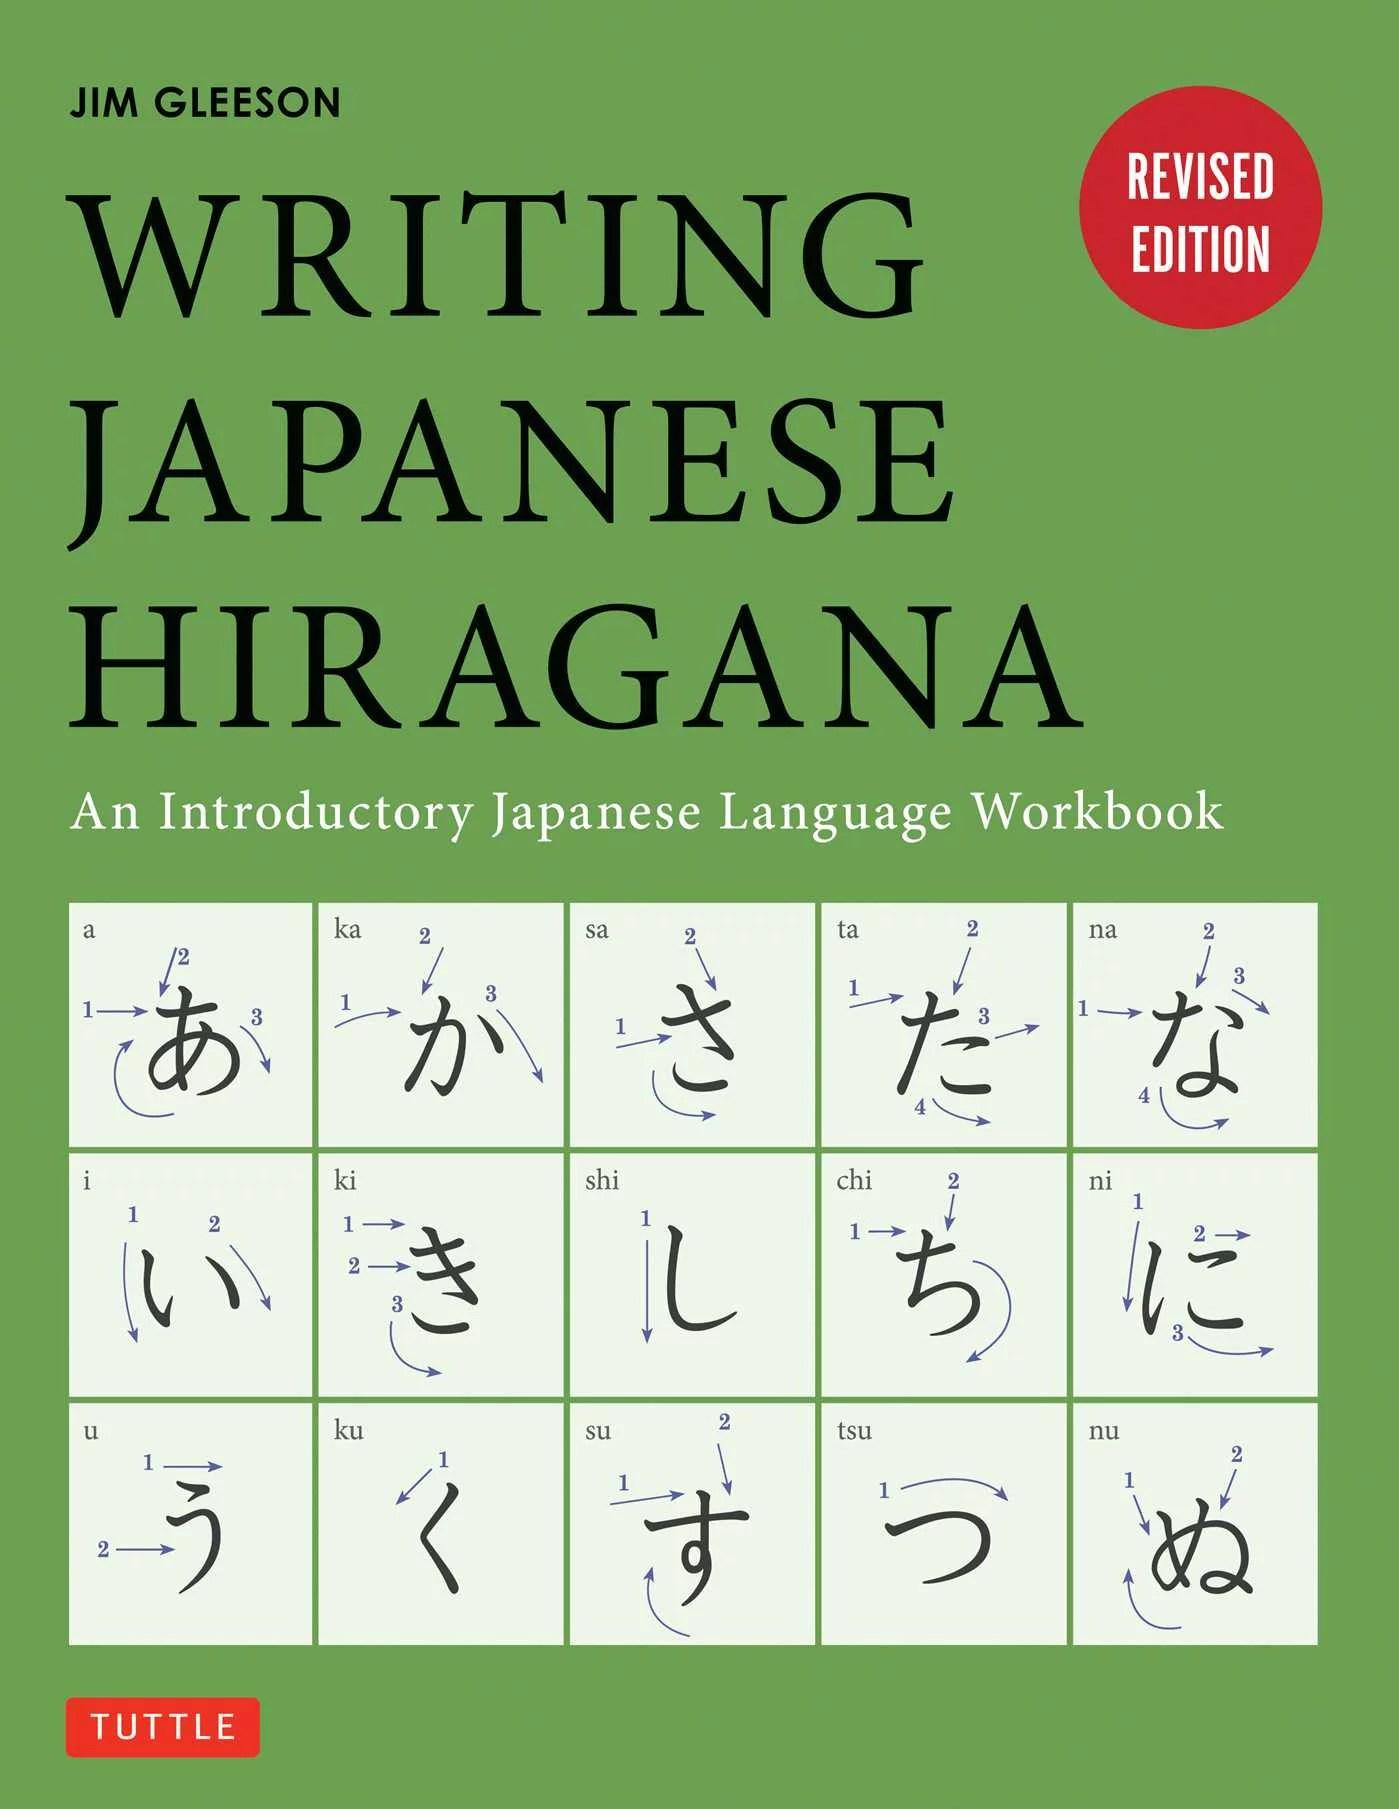 Writing Japanese Hiragana An Introductory Japanese